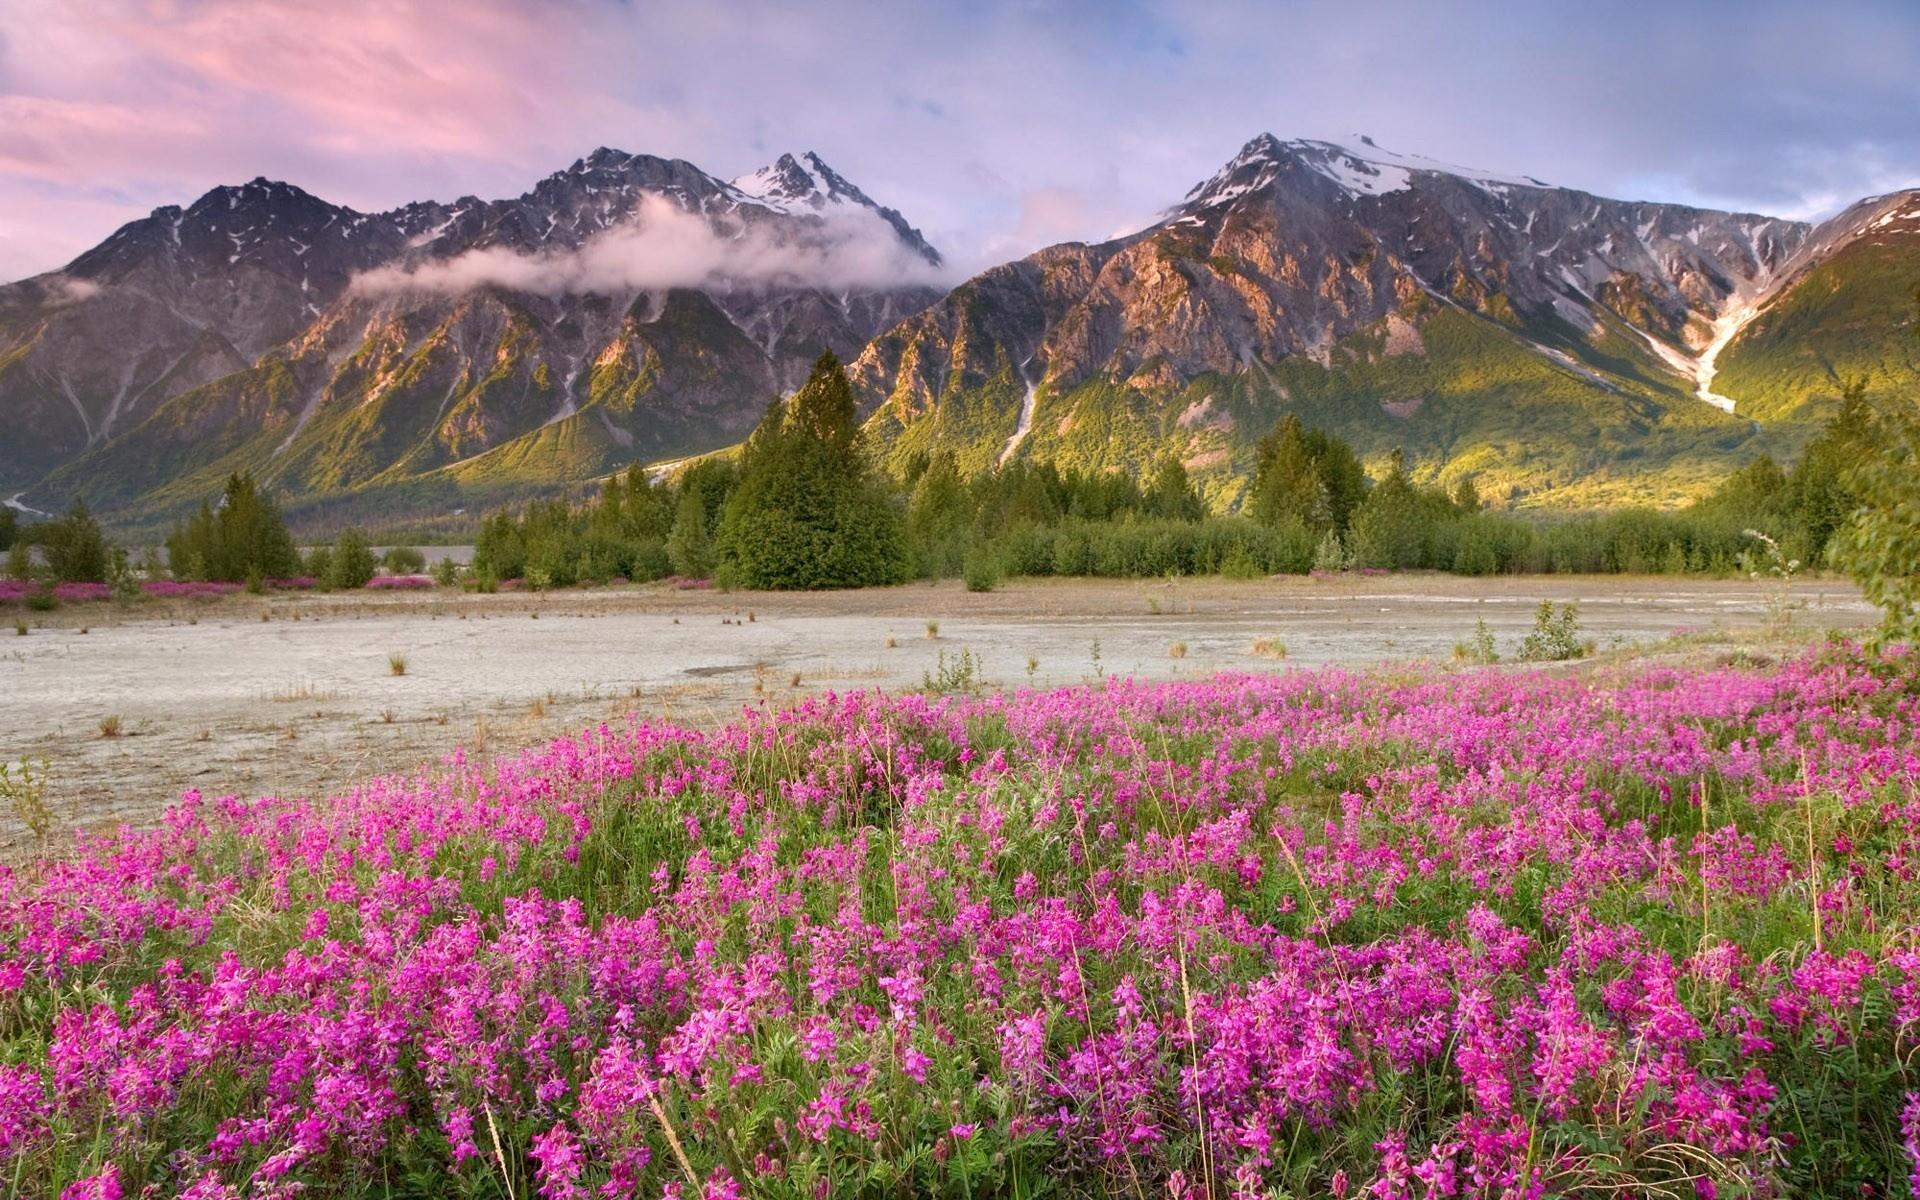 mountain images free   Spring Mountains desktop wallpaper